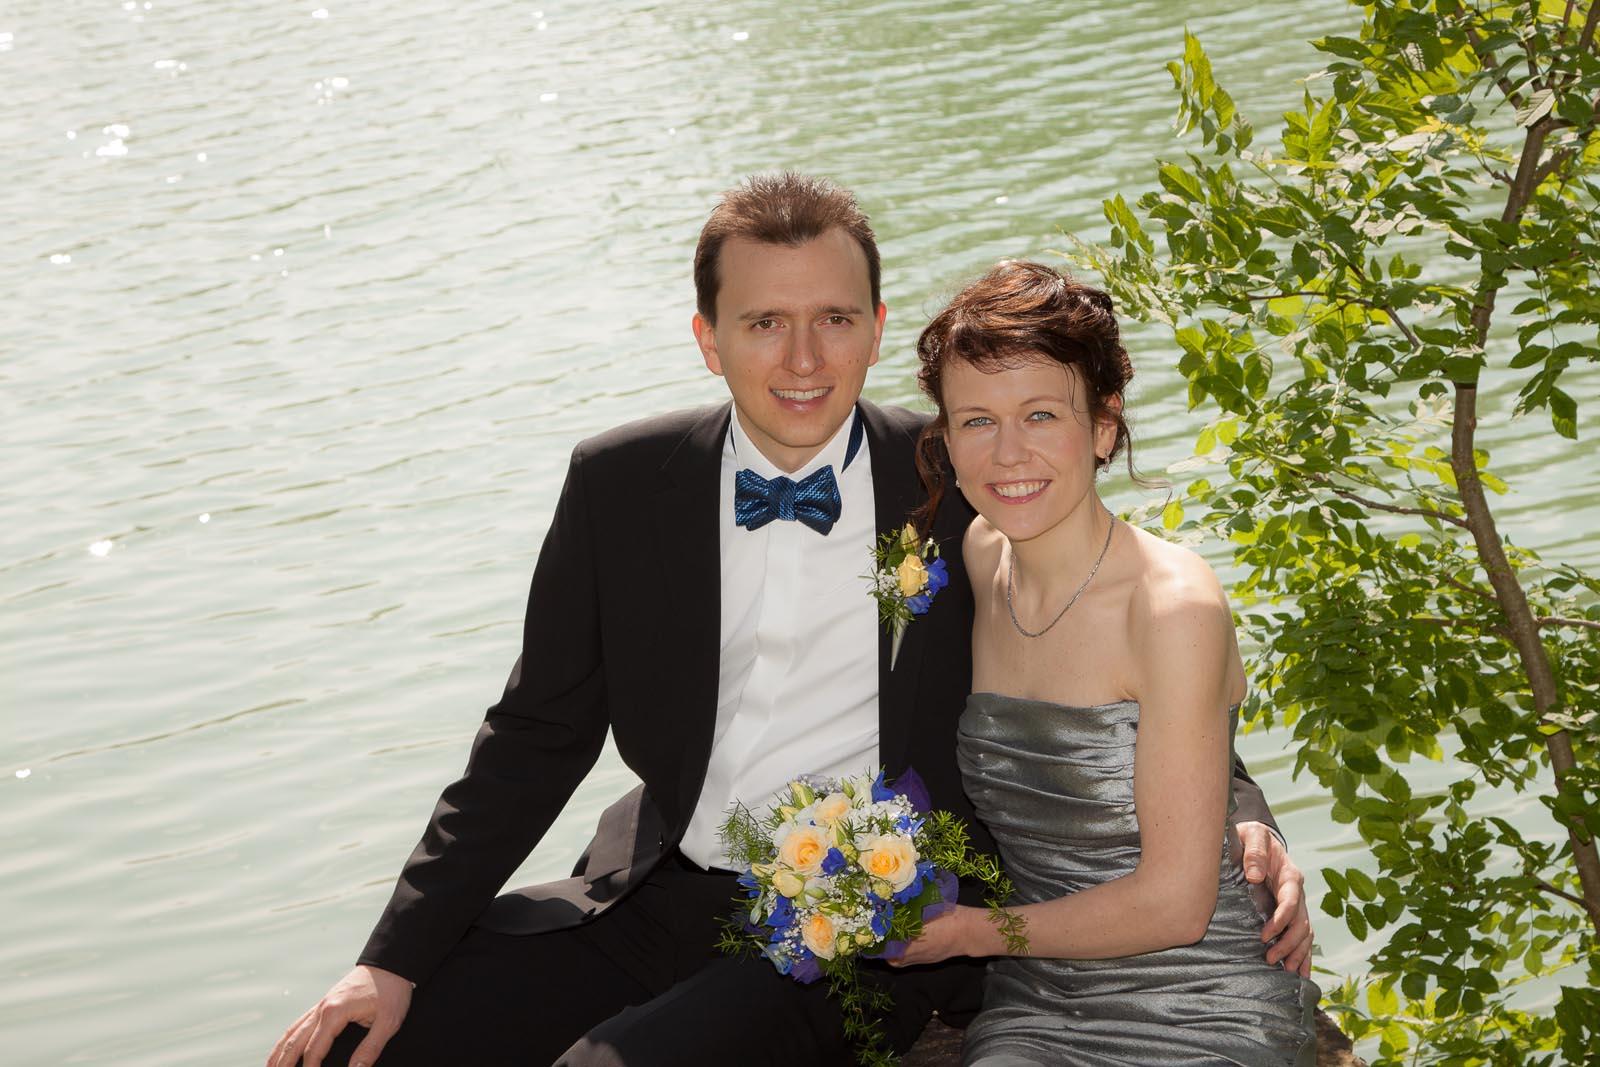 Hochzeit-Portraits-Ulbrich-Hochzeit-Ulbrich-0851.jpg